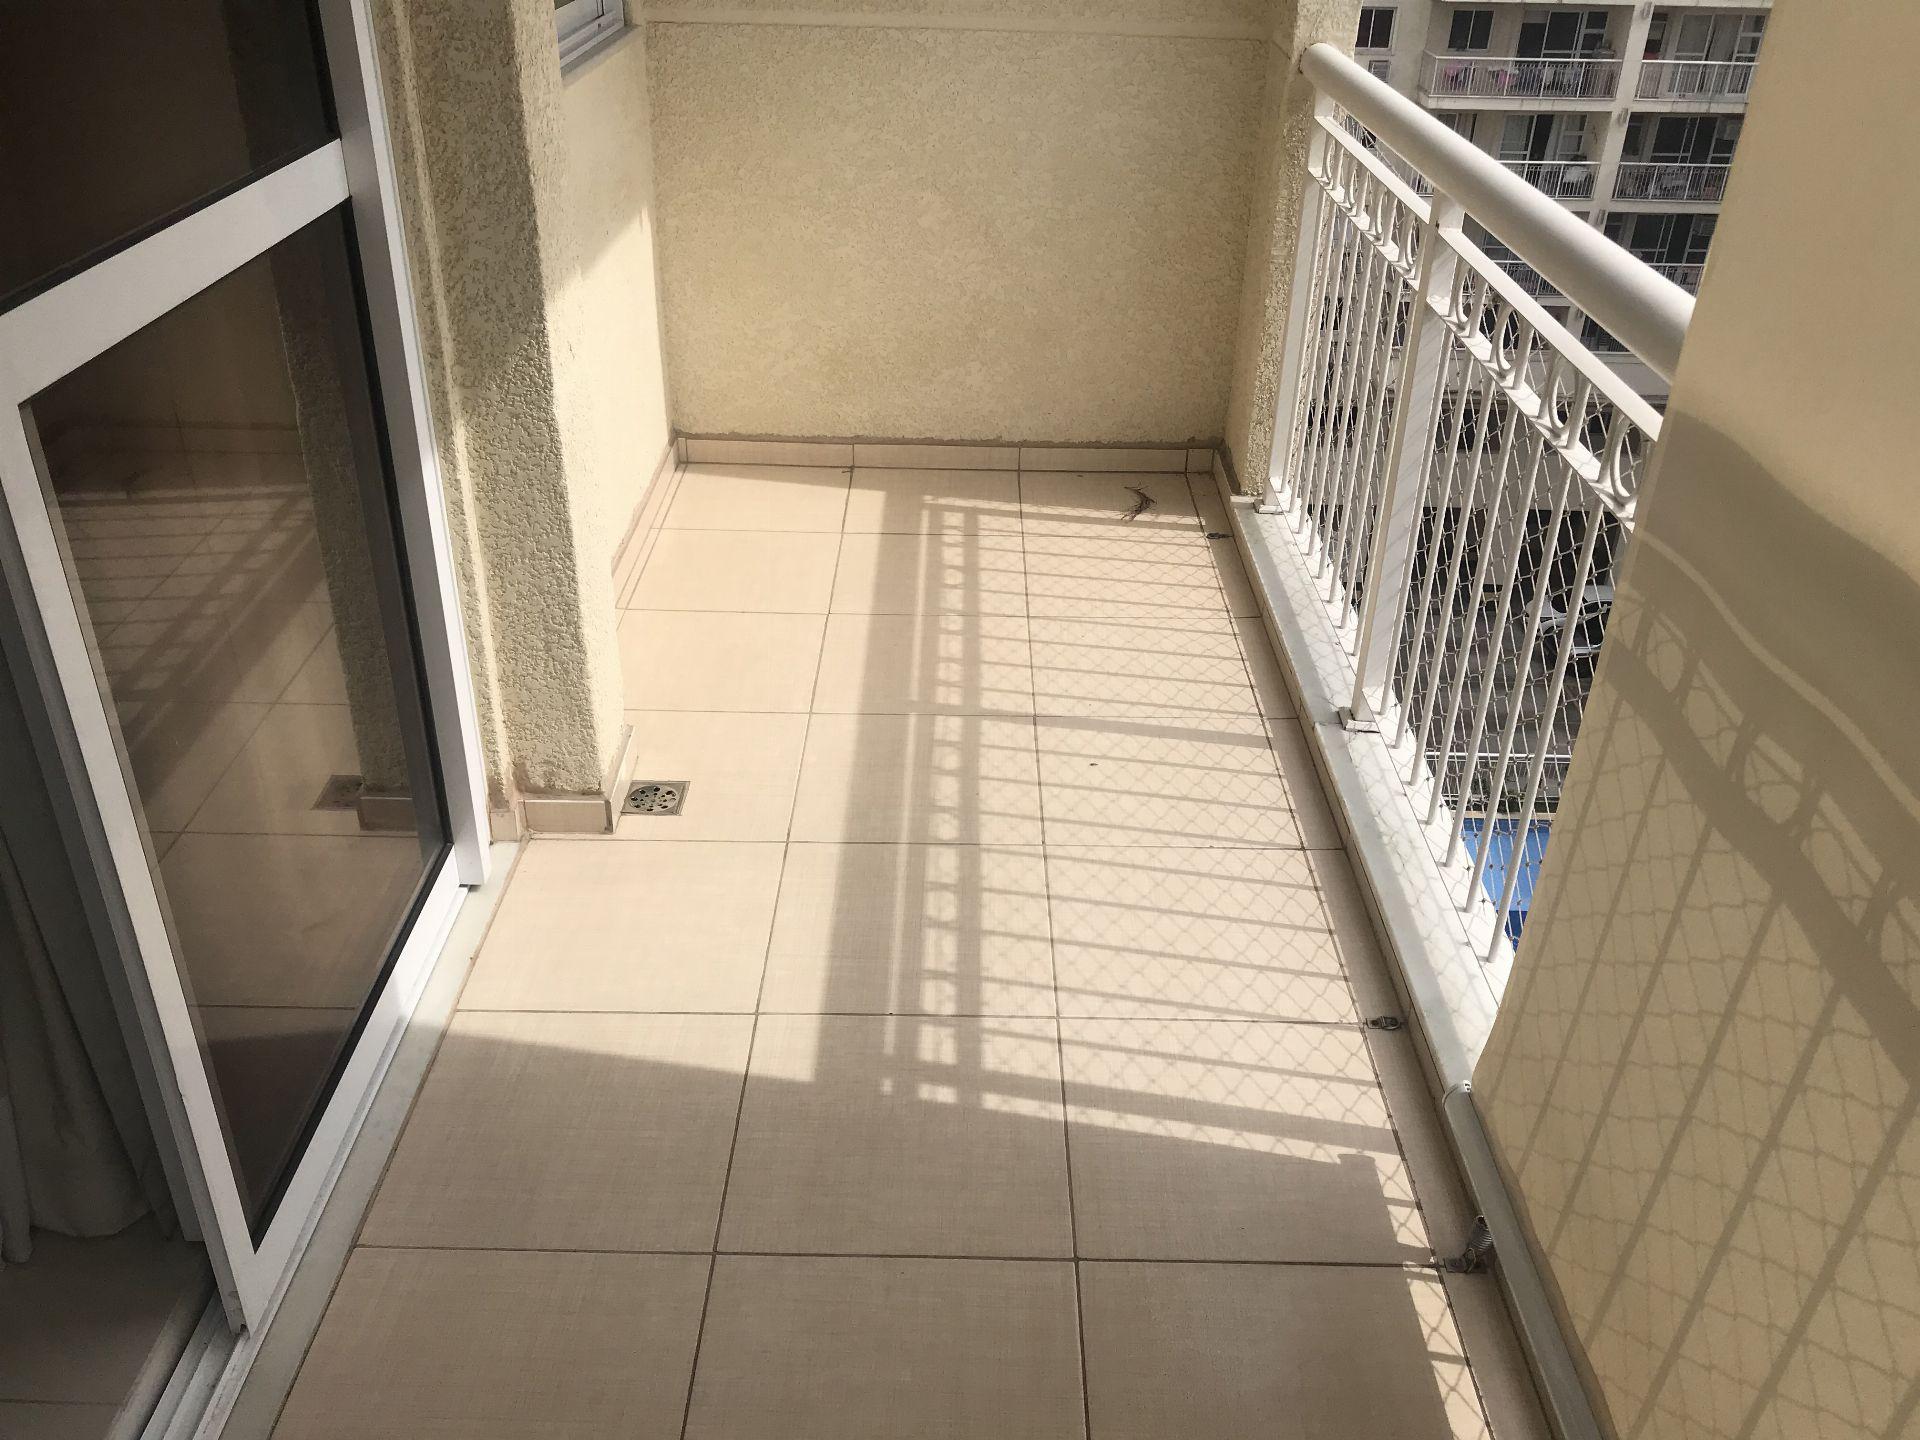 FOTO 8 - Cobertura à venda Rua Aladim,Vila Valqueire, Rio de Janeiro - R$ 570.000 - RF119 - 9